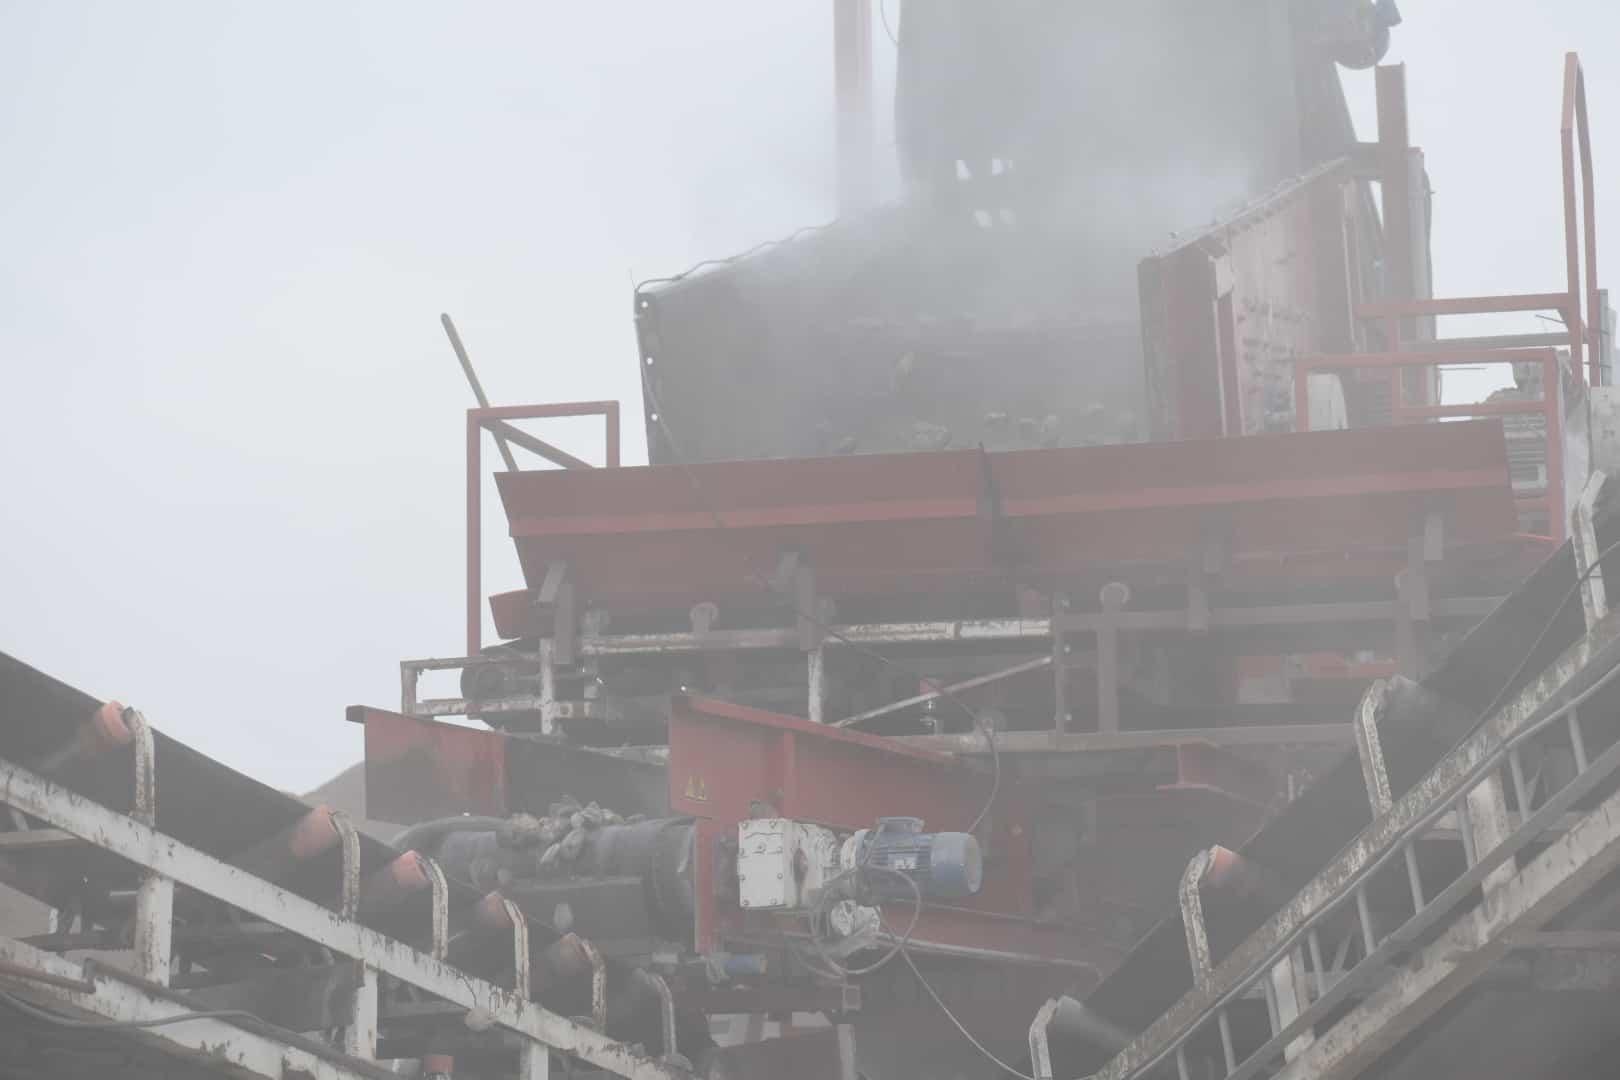 Nebula dust - foto zonder de stofbeheersing